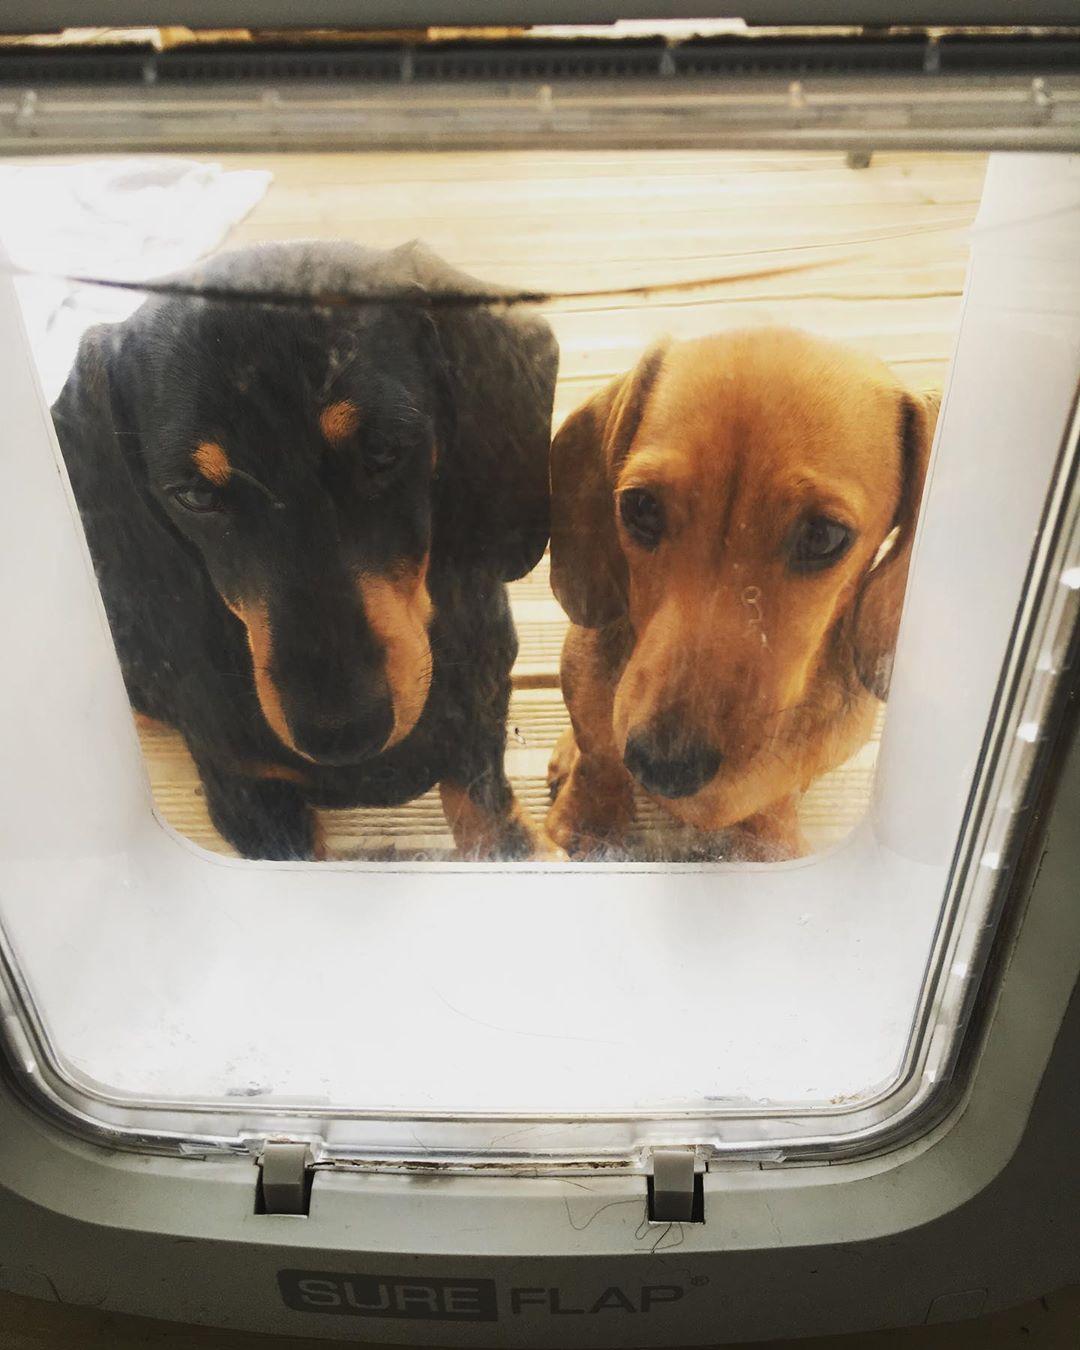 SureFlap microchip dog door